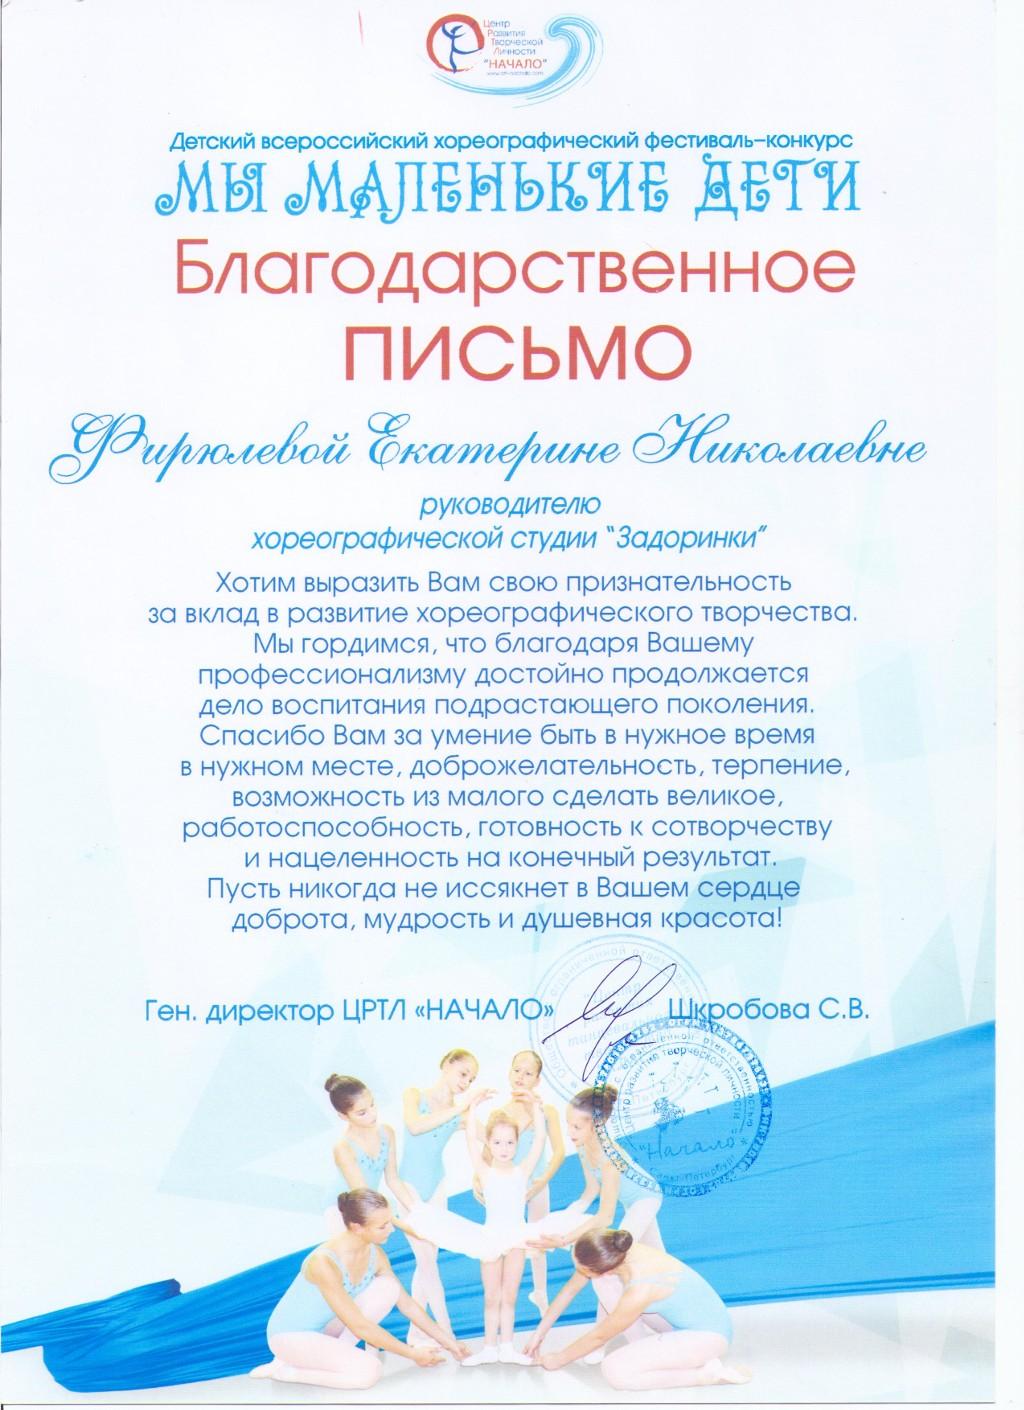 Пони международный конкурс 2017